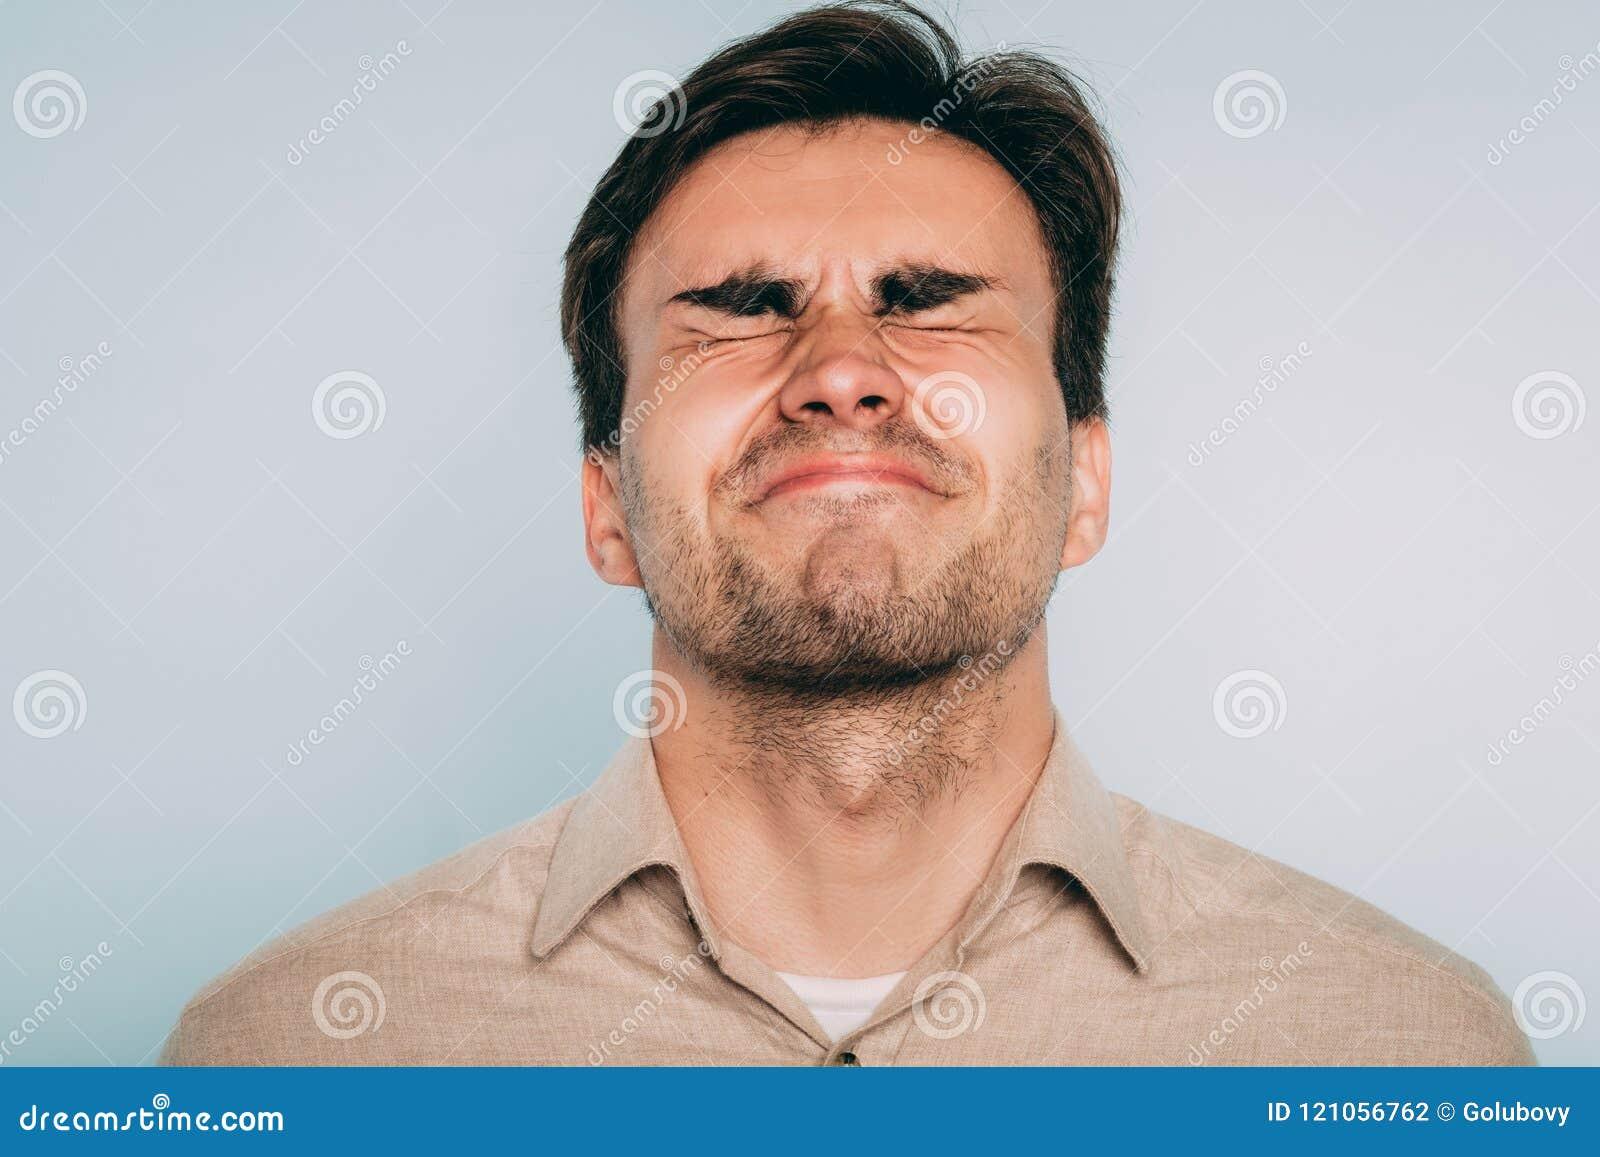 facial grimacing Painful